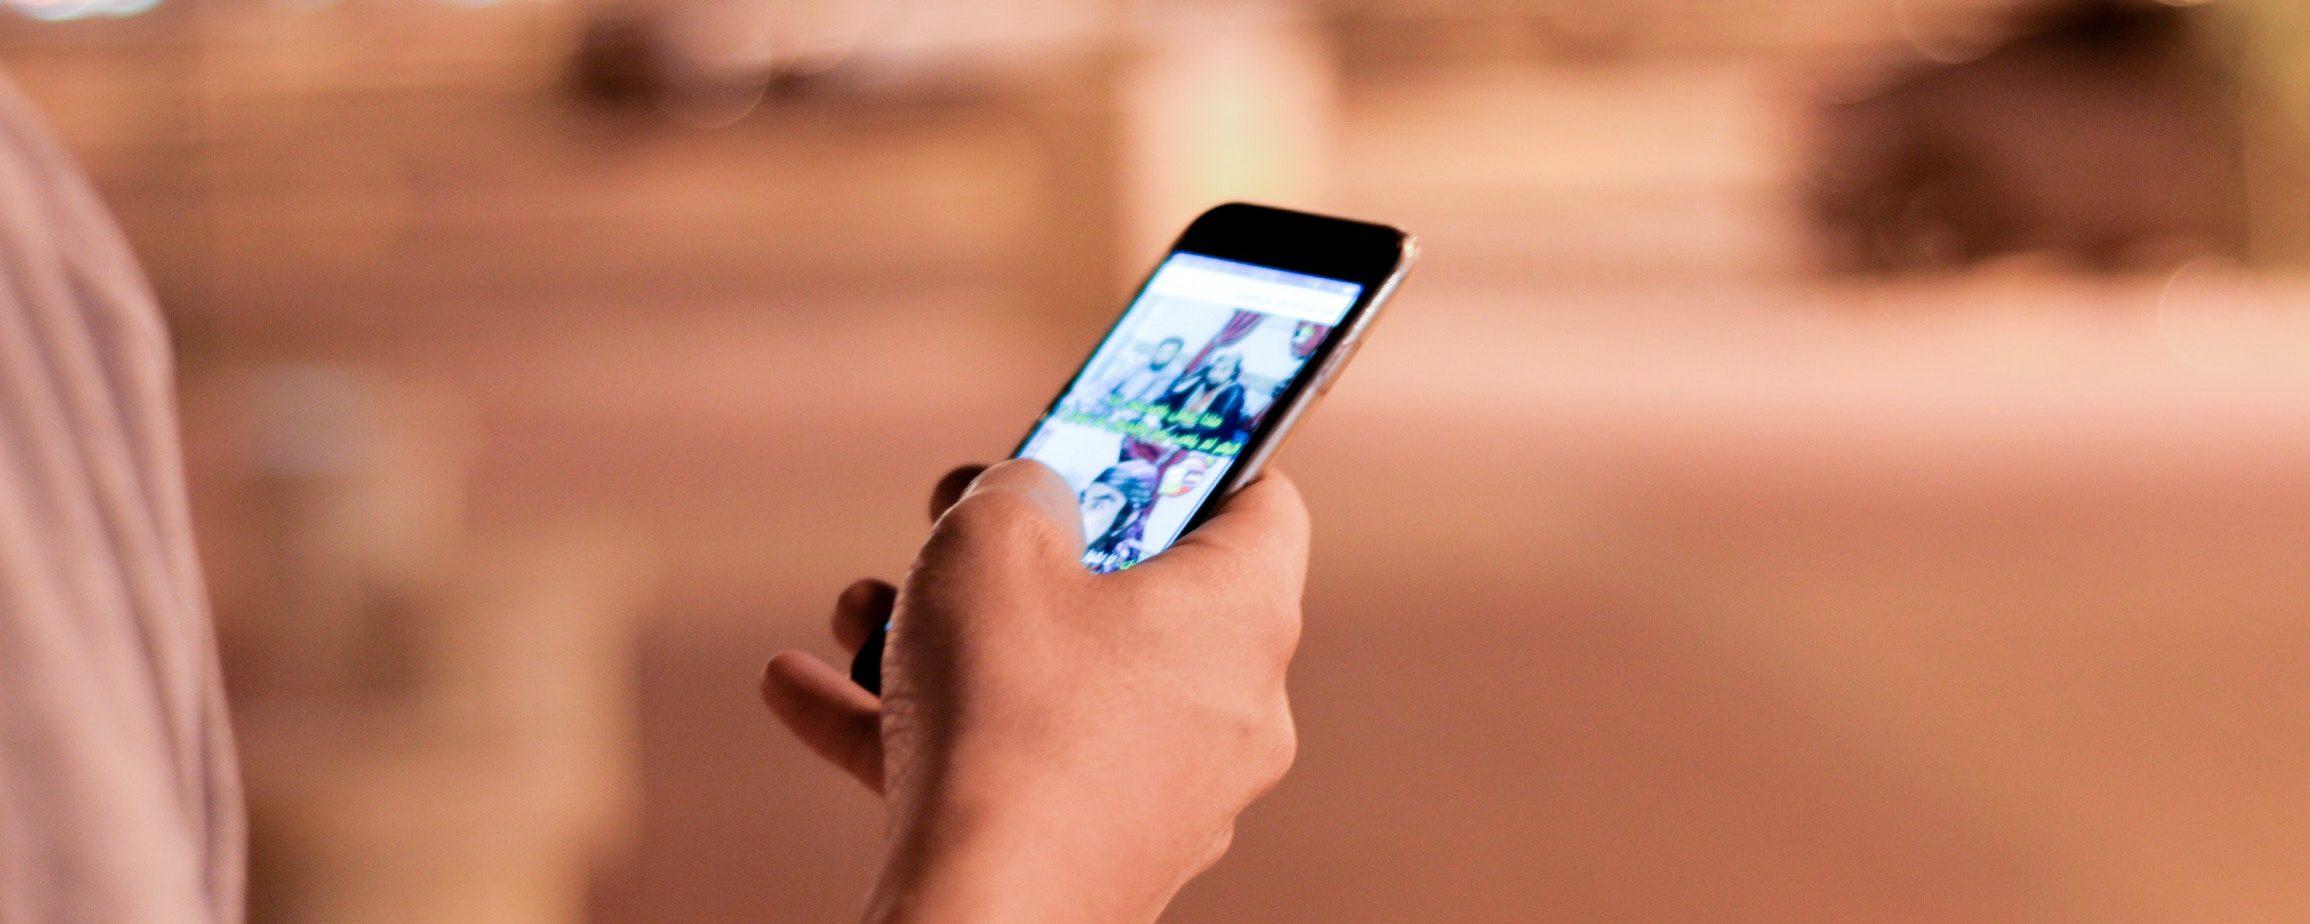 Un'app che analizza l'uso dello smartphone per studiare la salute mentale